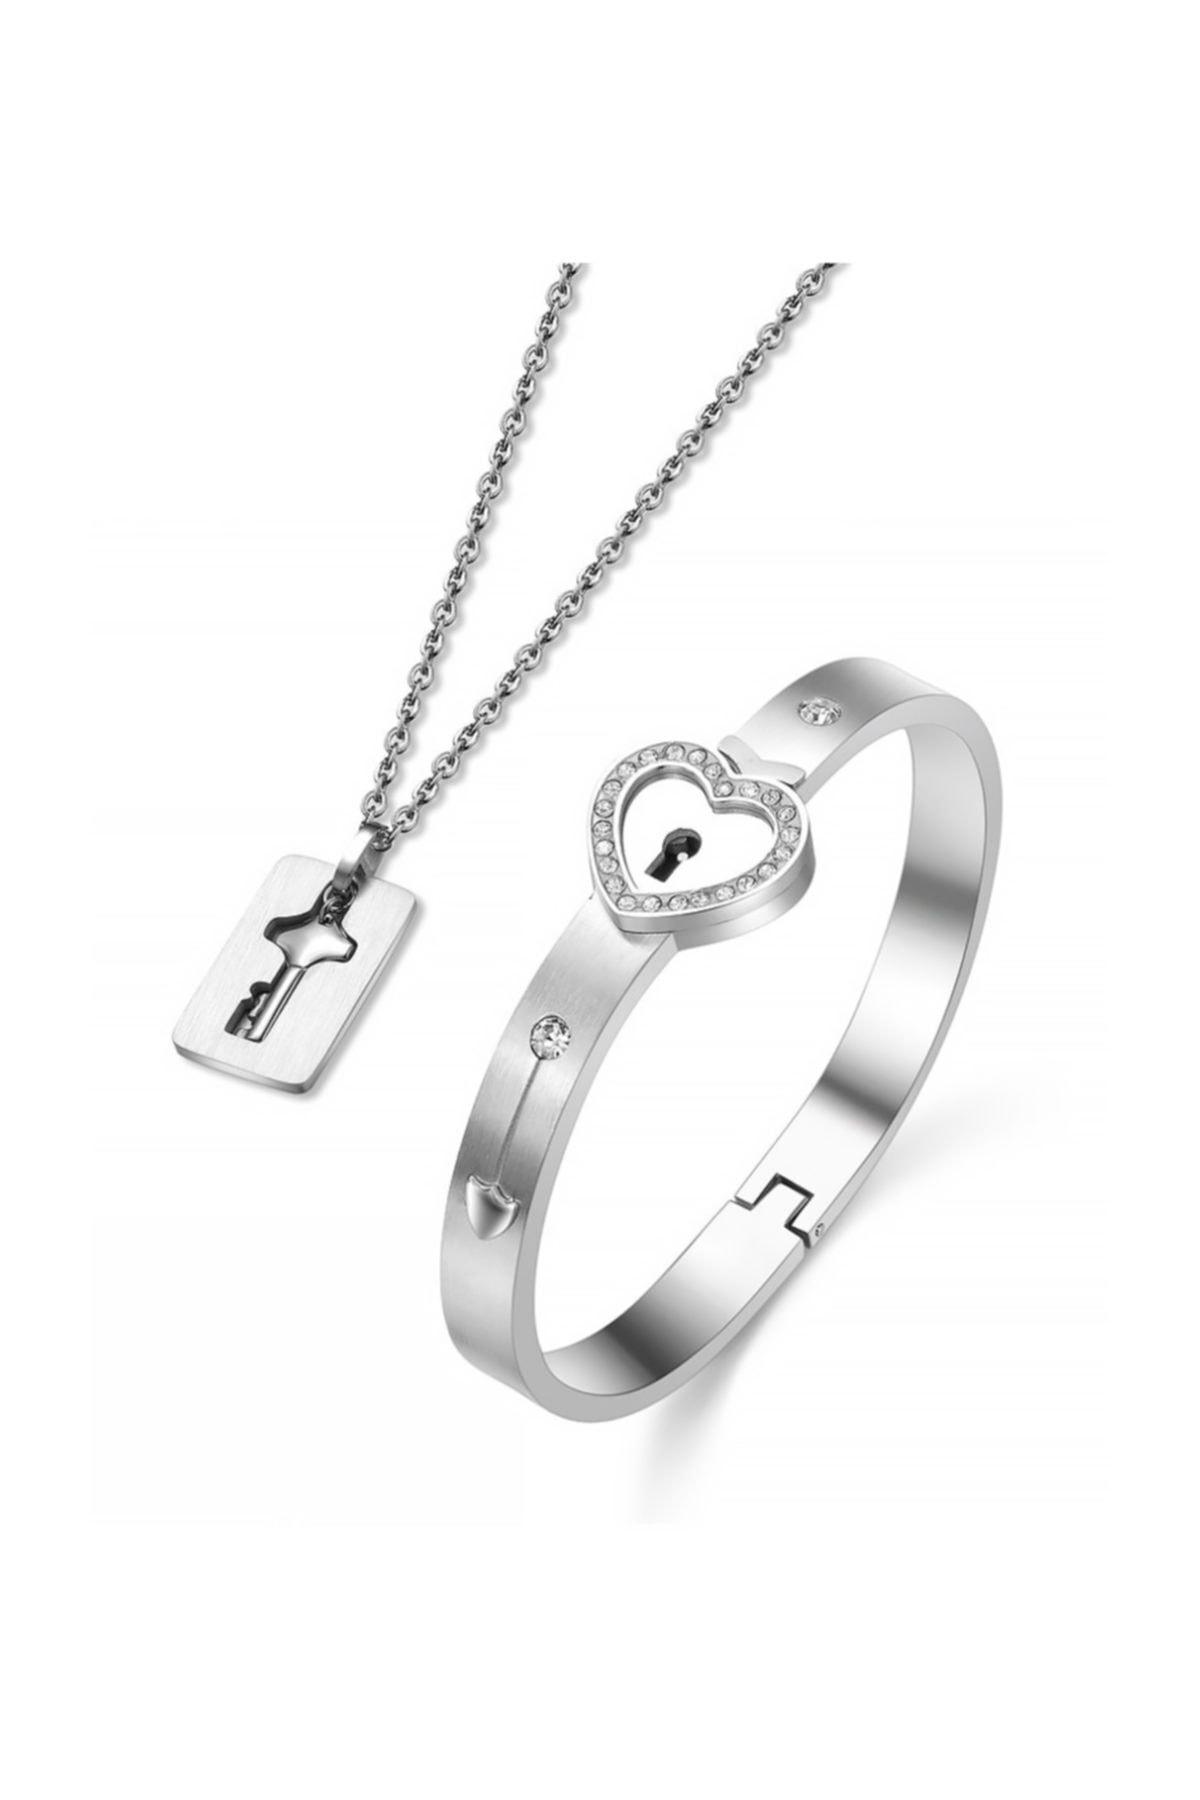 Chavin Anahtarlı Sevgiliye Çelik Kolye Taşlı Bileklik Set Ec93by 1